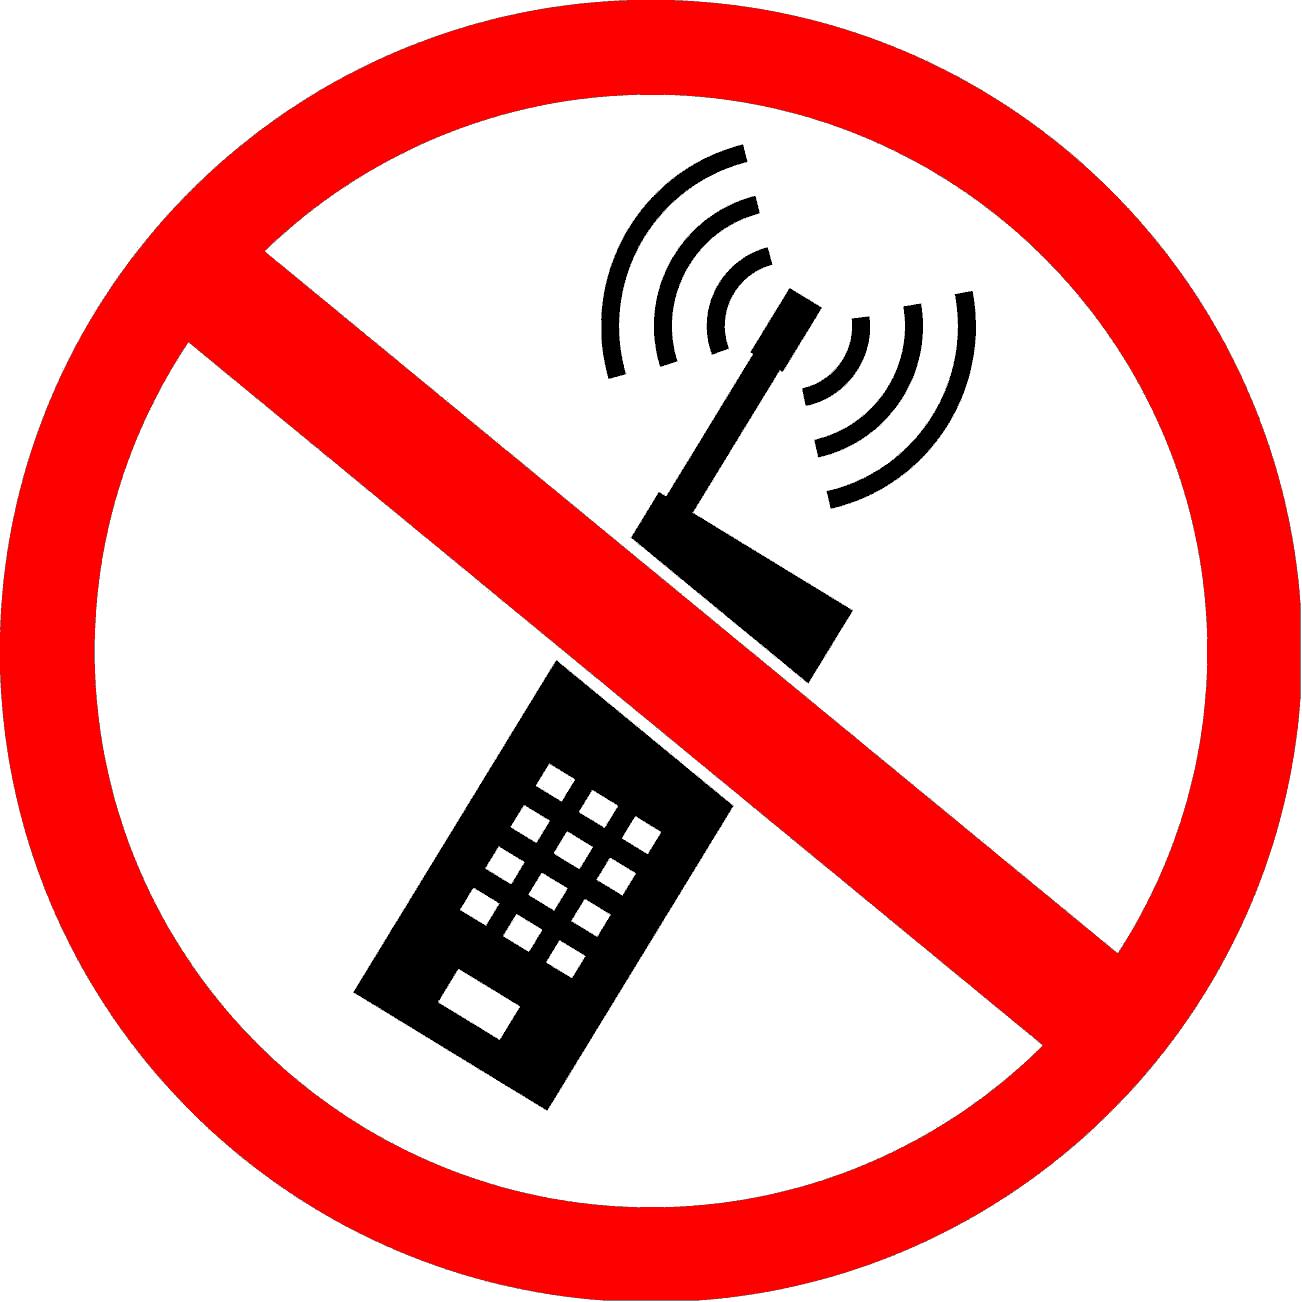 нельзя пользоваться мобильным телефоном картинка